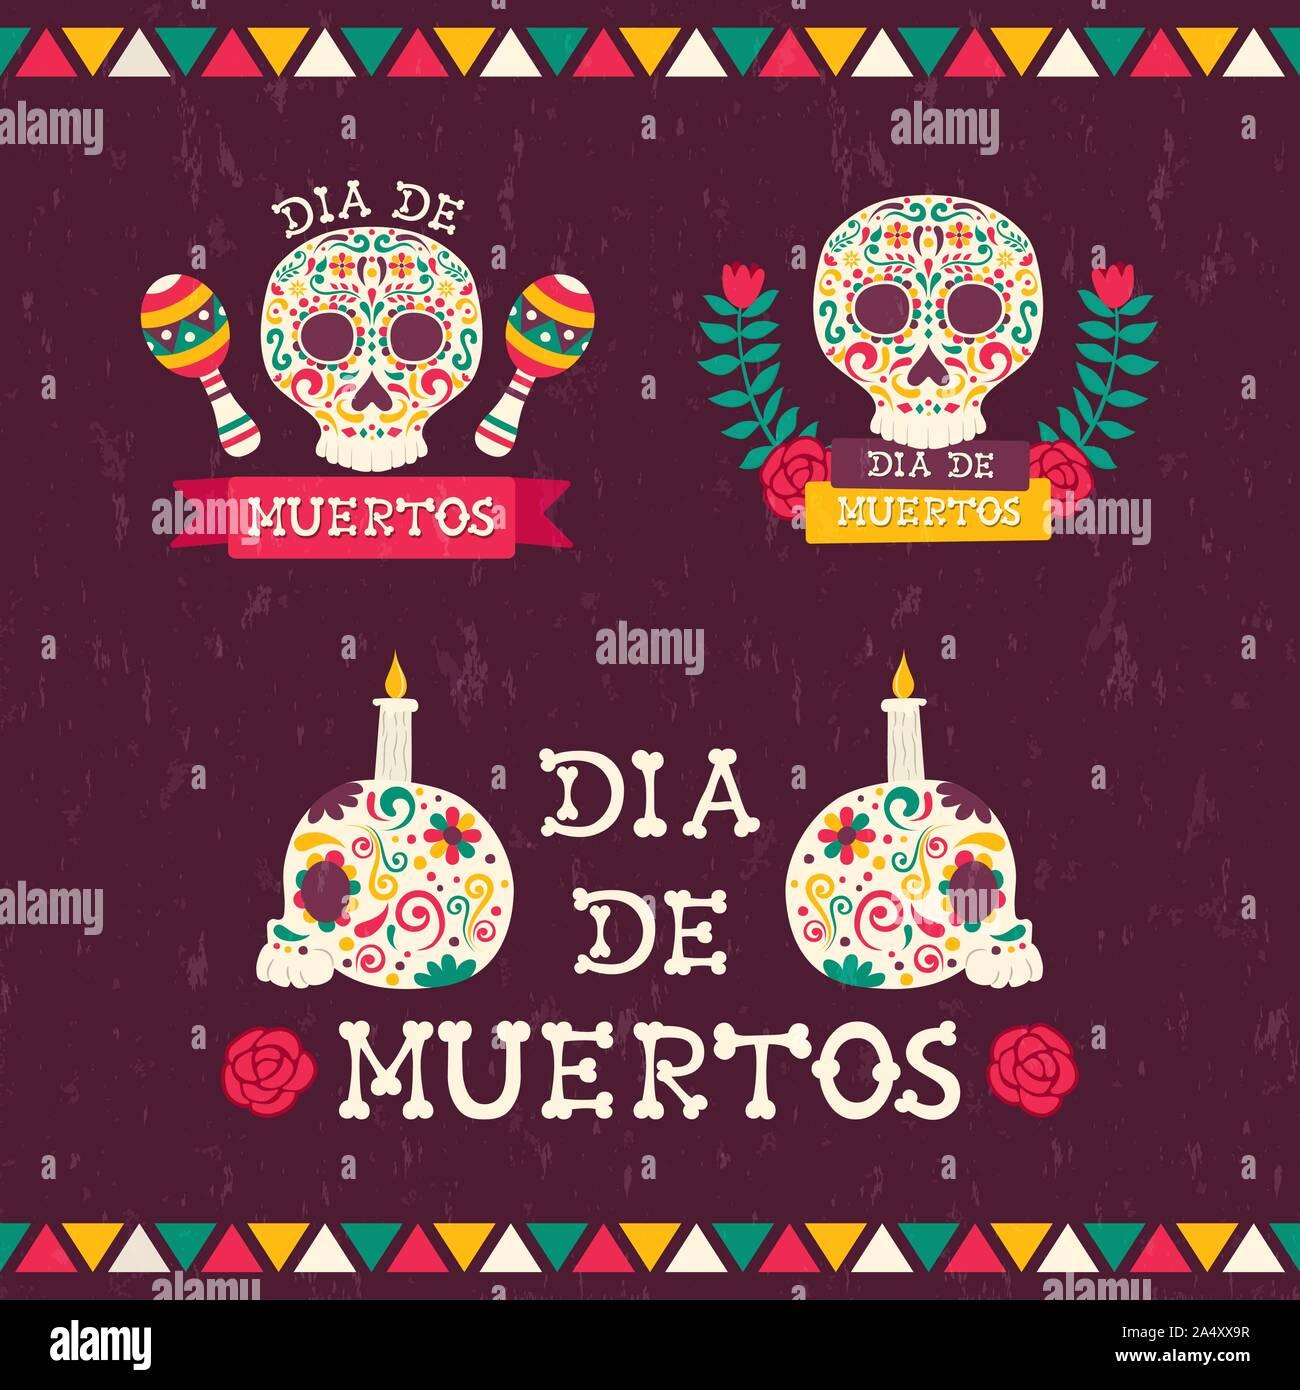 Le Jour des morts les devis établis pour l'événement traditionnel mexicain. Crânes de sucre fête avec des bougies, fleurs et maison de texte. Illustration de Vecteur